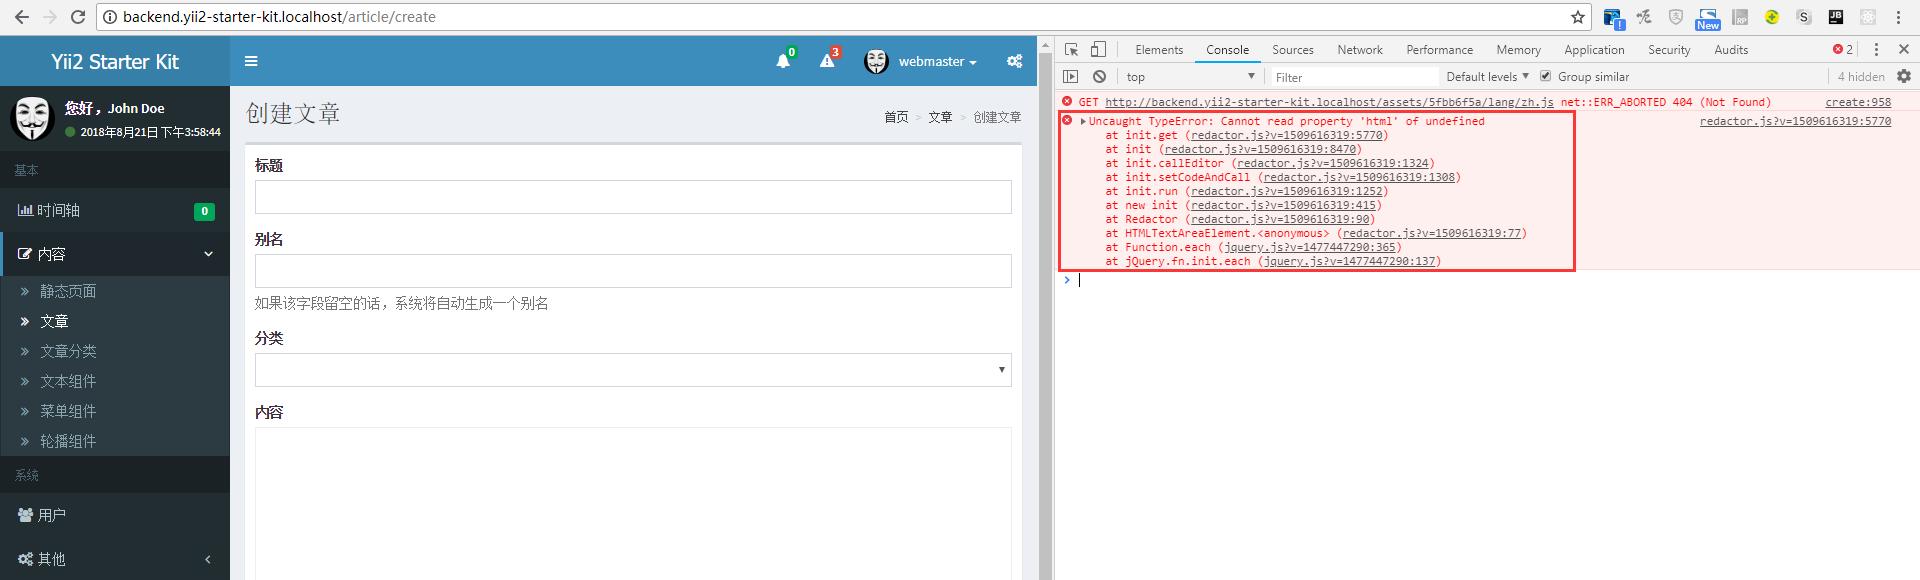 刷新页面,查看浏览器 Console,发现原因在于对应的语言文件 /assets/5fbb6f5a/lang/zh.js  不存在,进而导致 Uncaught TypeError: Cannot read property 'html' of undefined